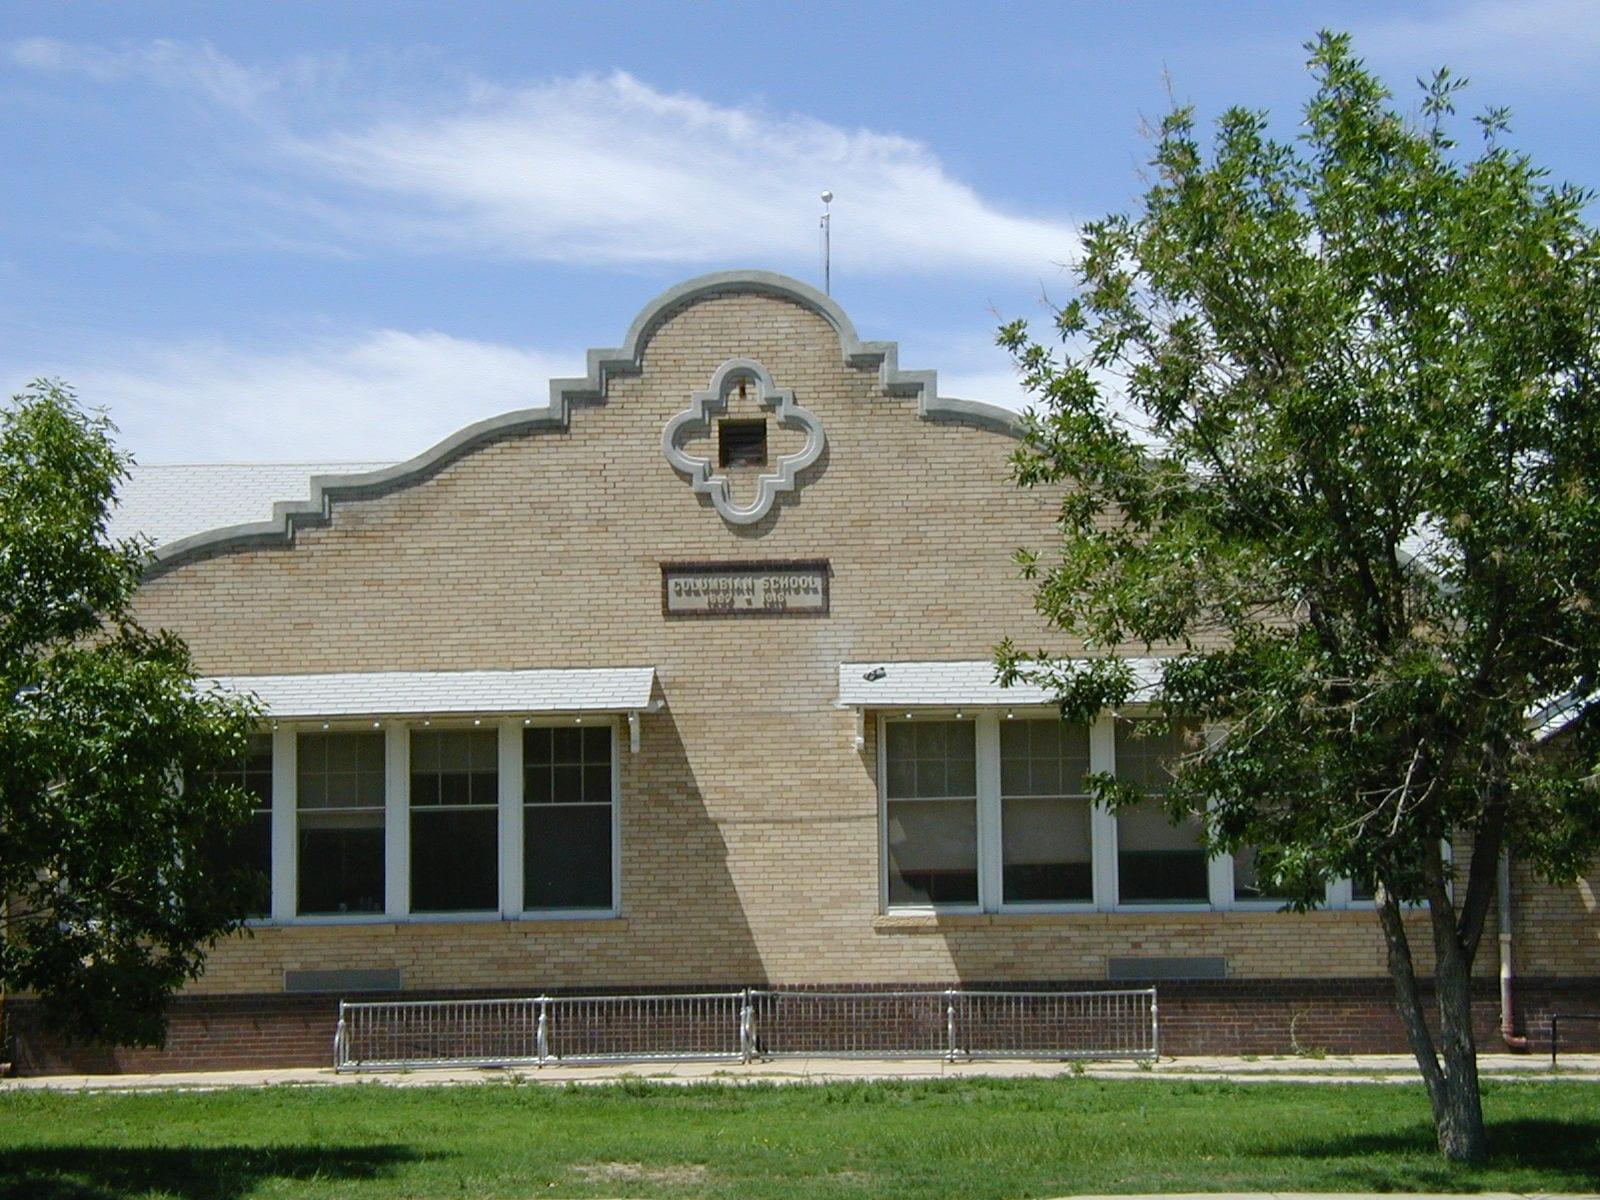 Las Animas Colorado Columbian Elementary School